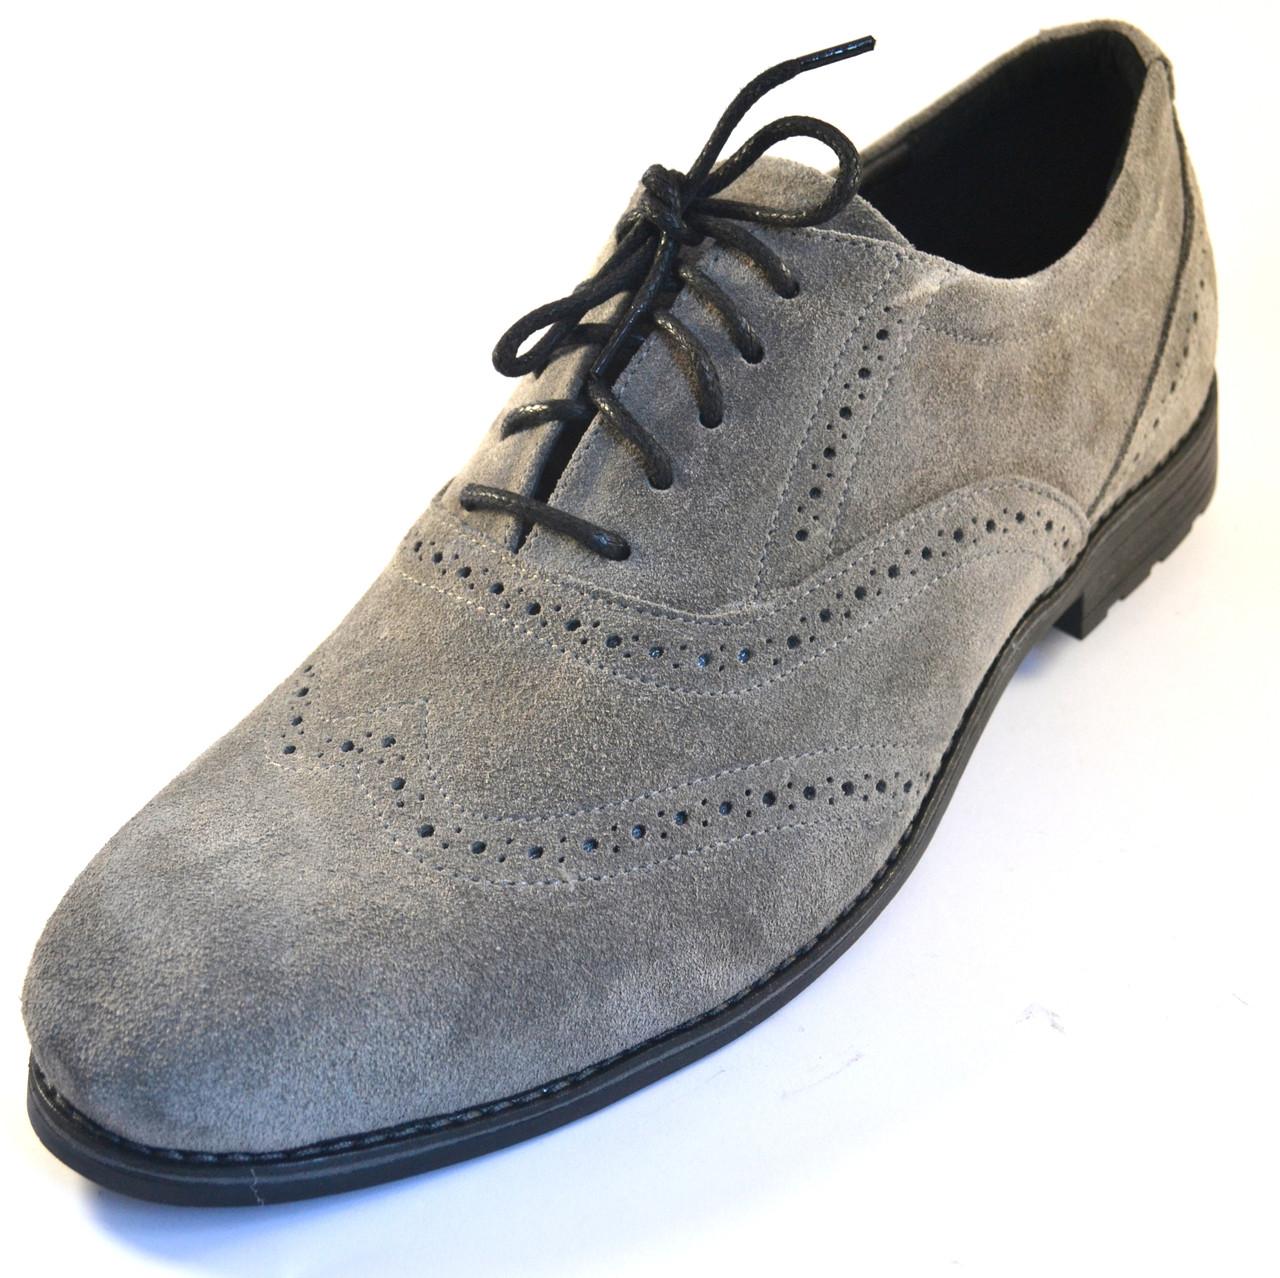 Обувь больших размеров мужские туфли замша серые броги оксфорды Rosso Avangard BS Felicete Persona Grey Vel